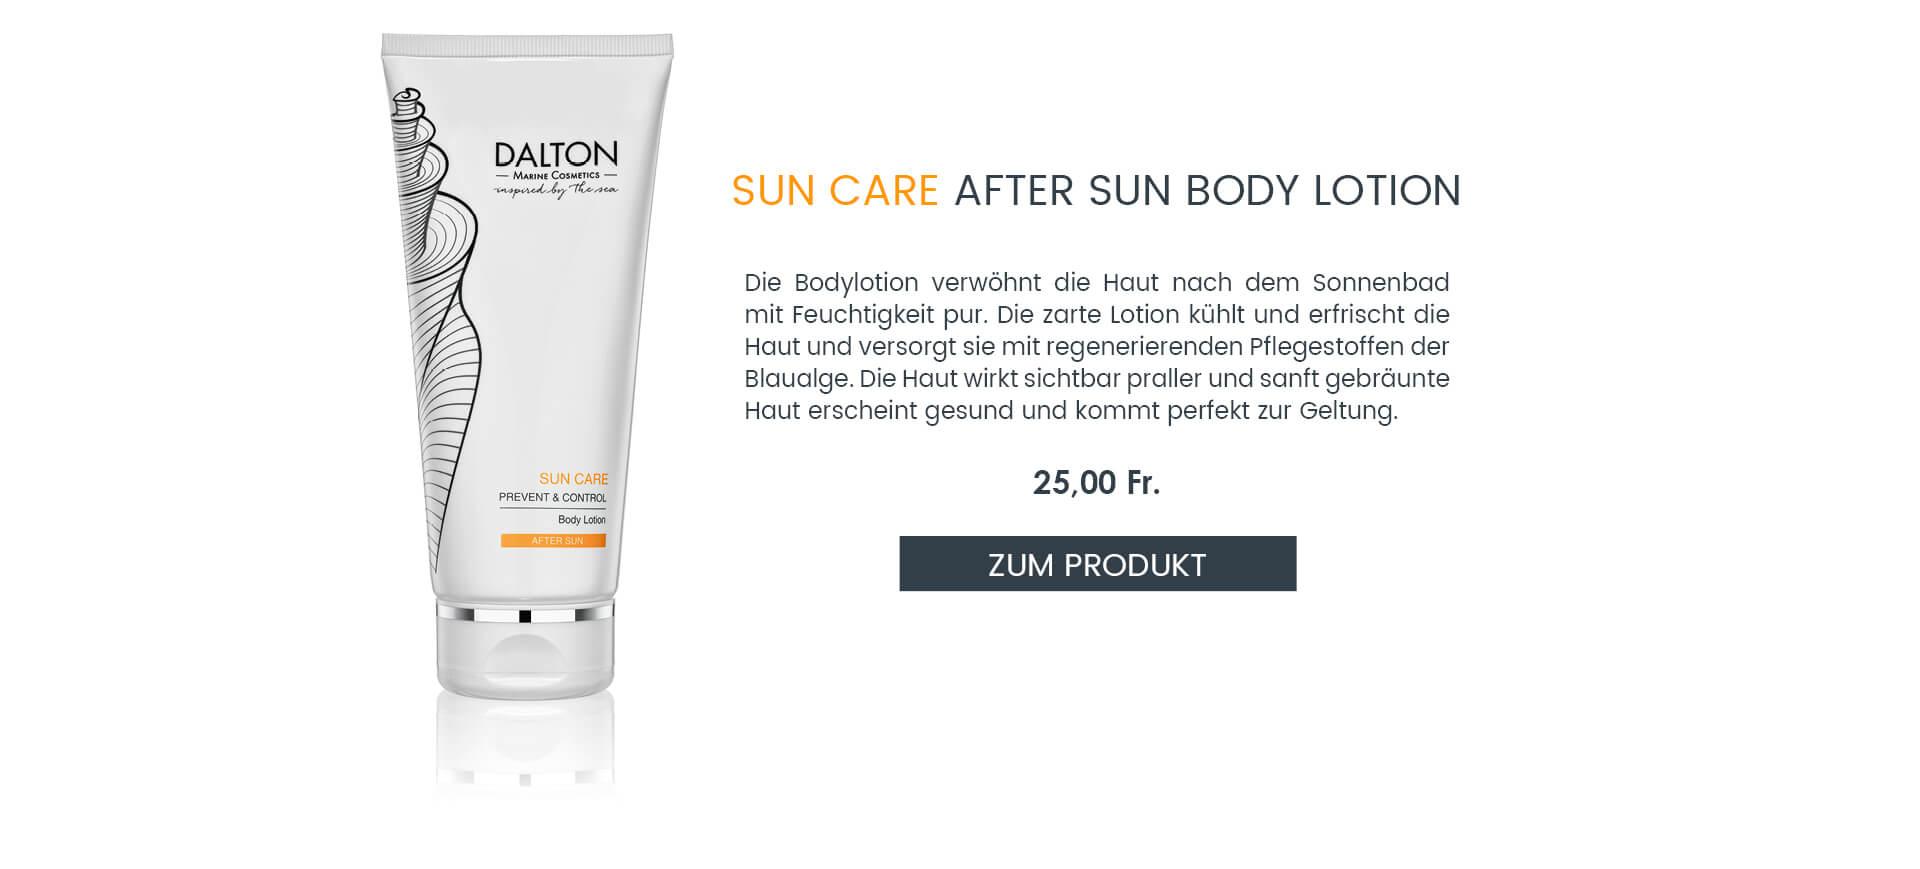 Sun Care After Sun Body Lotion